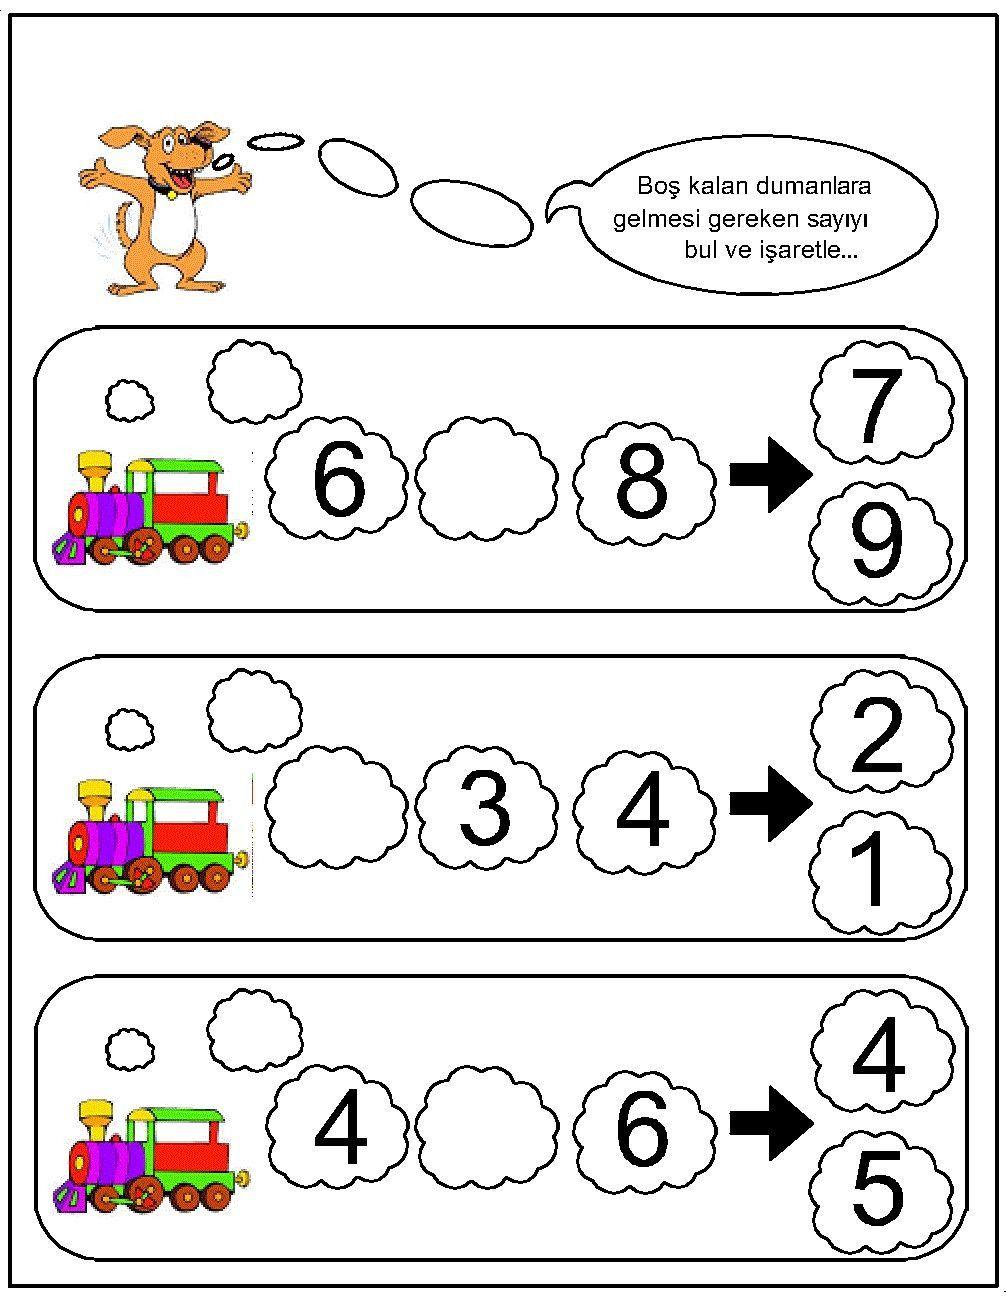 7 Kindergarten Worksheets Math Missing Number In 2020 Kindergarten Worksheets Kids Worksheets Kindergartens Kindergarten Worksheets Printable [ 1302 x 1006 Pixel ]